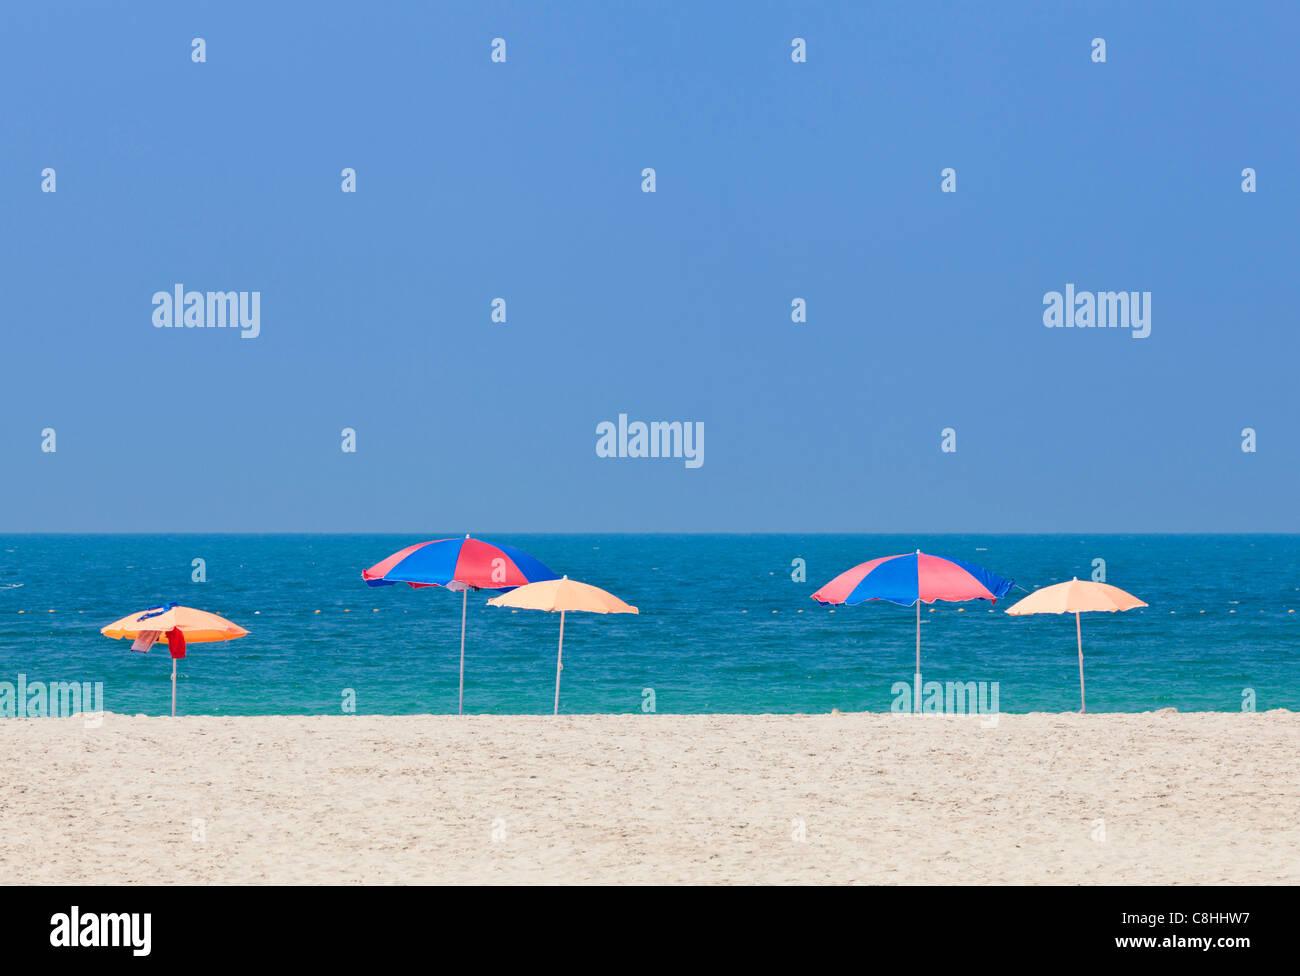 Strand Sonnenschirme, Russisch Strand von Jumeirah, Dubai, Vereinigte Arabische Emirate, Vereinigte Arabische Emirate Stockbild